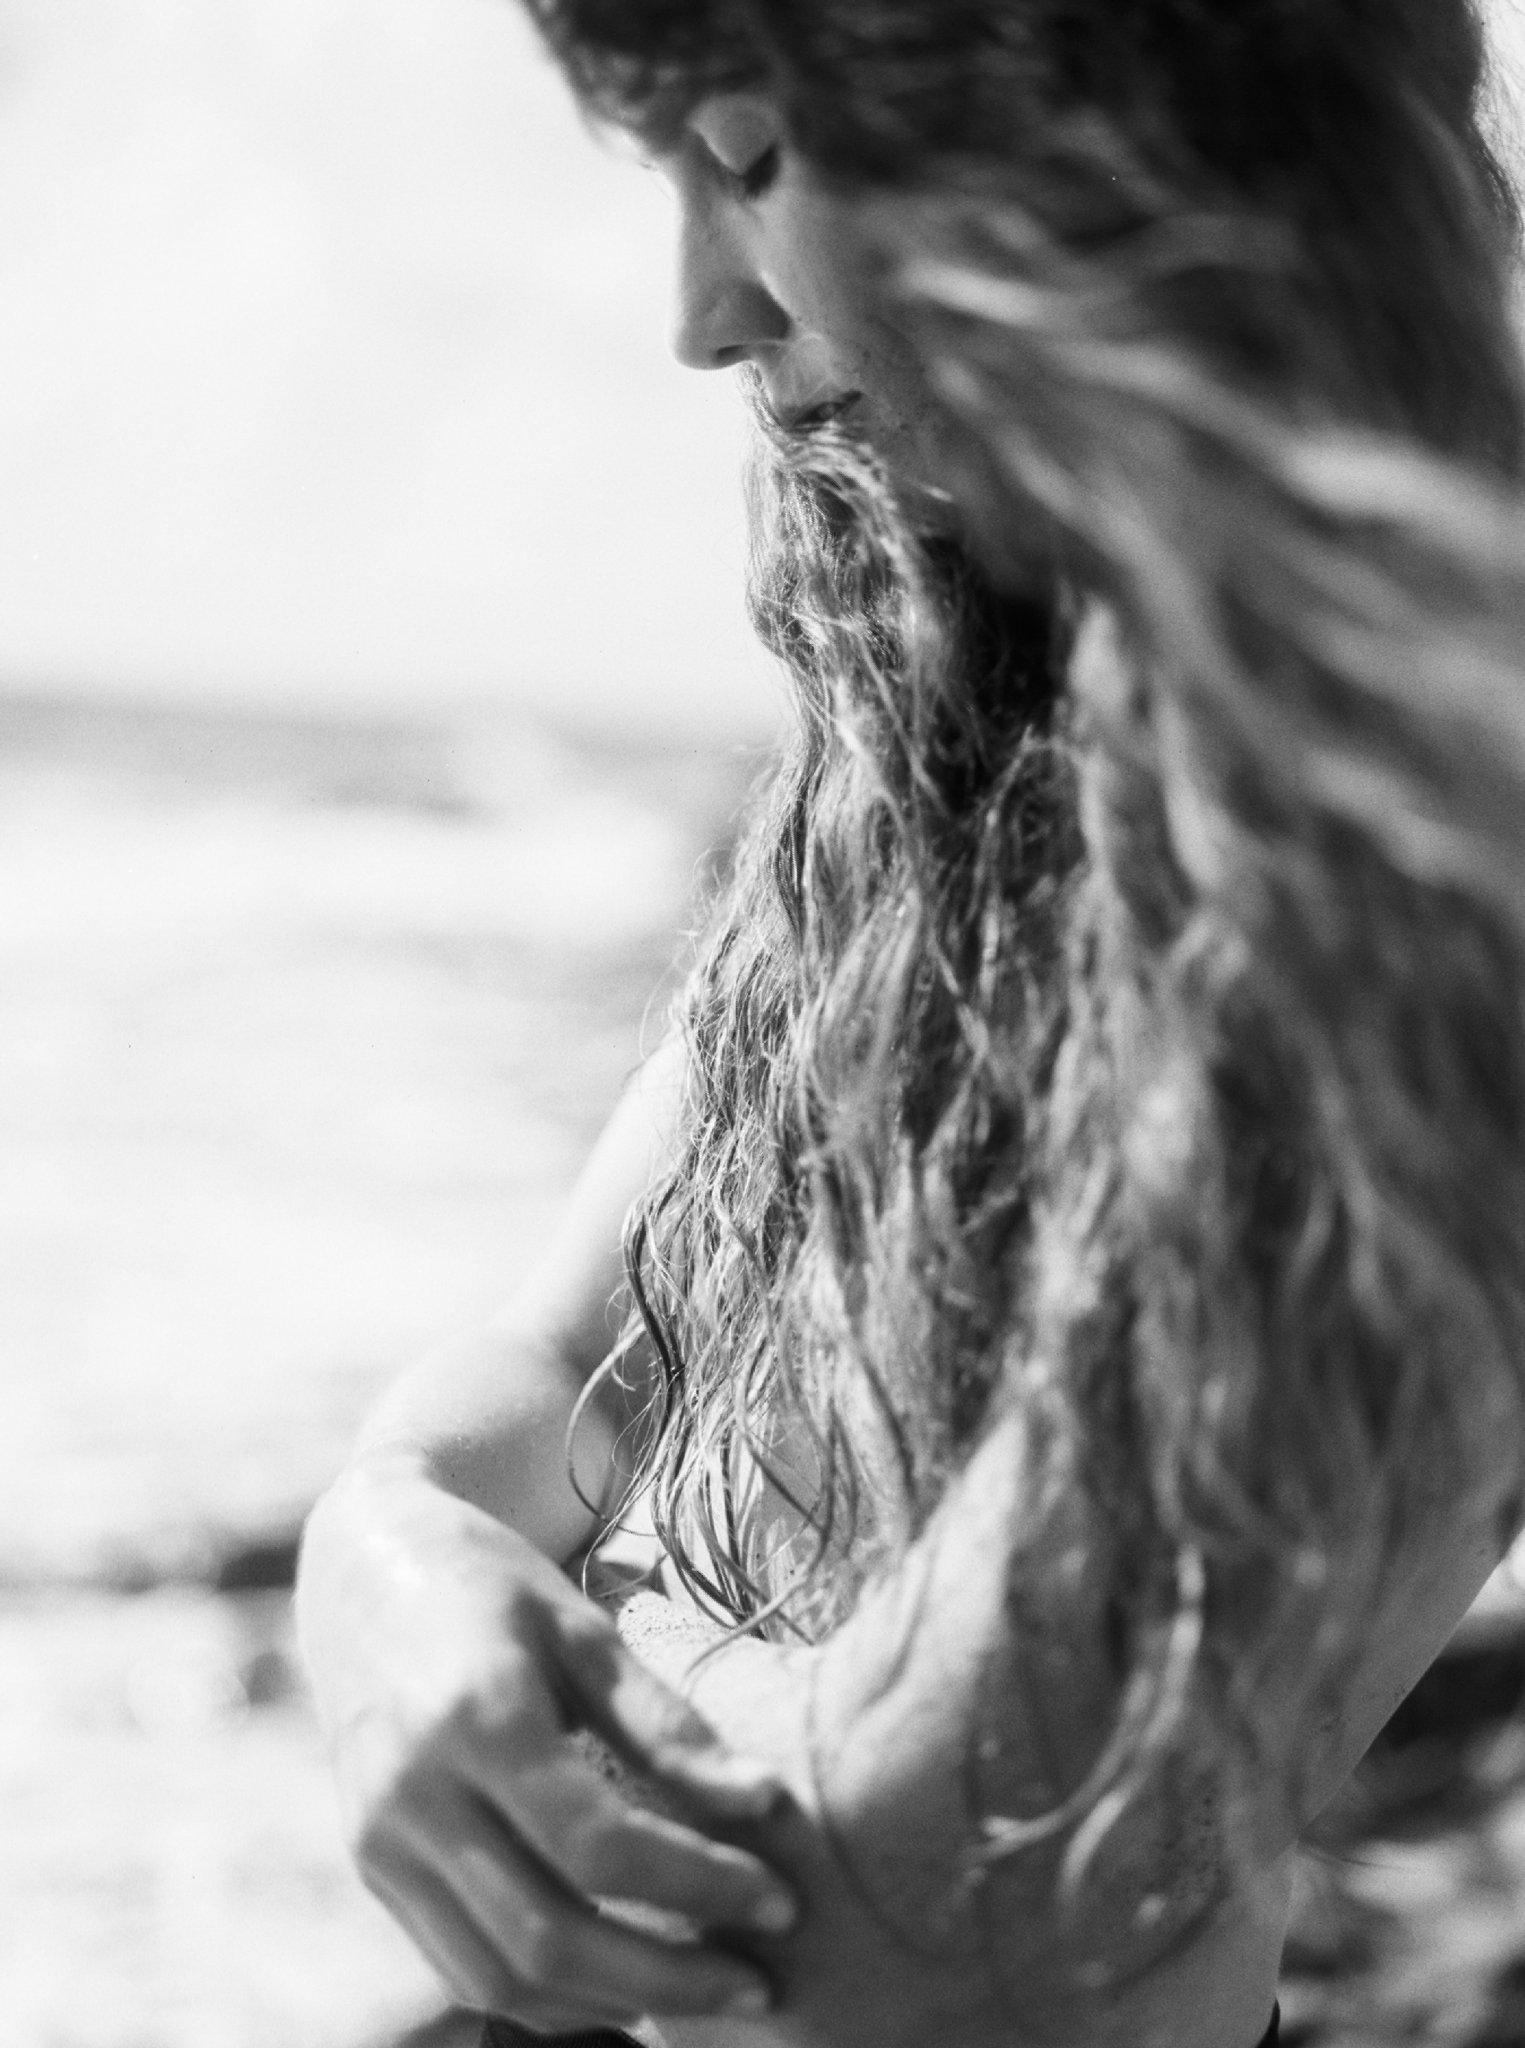 west palm beach boudoir photographer shannon griffin photography_0012.jpg